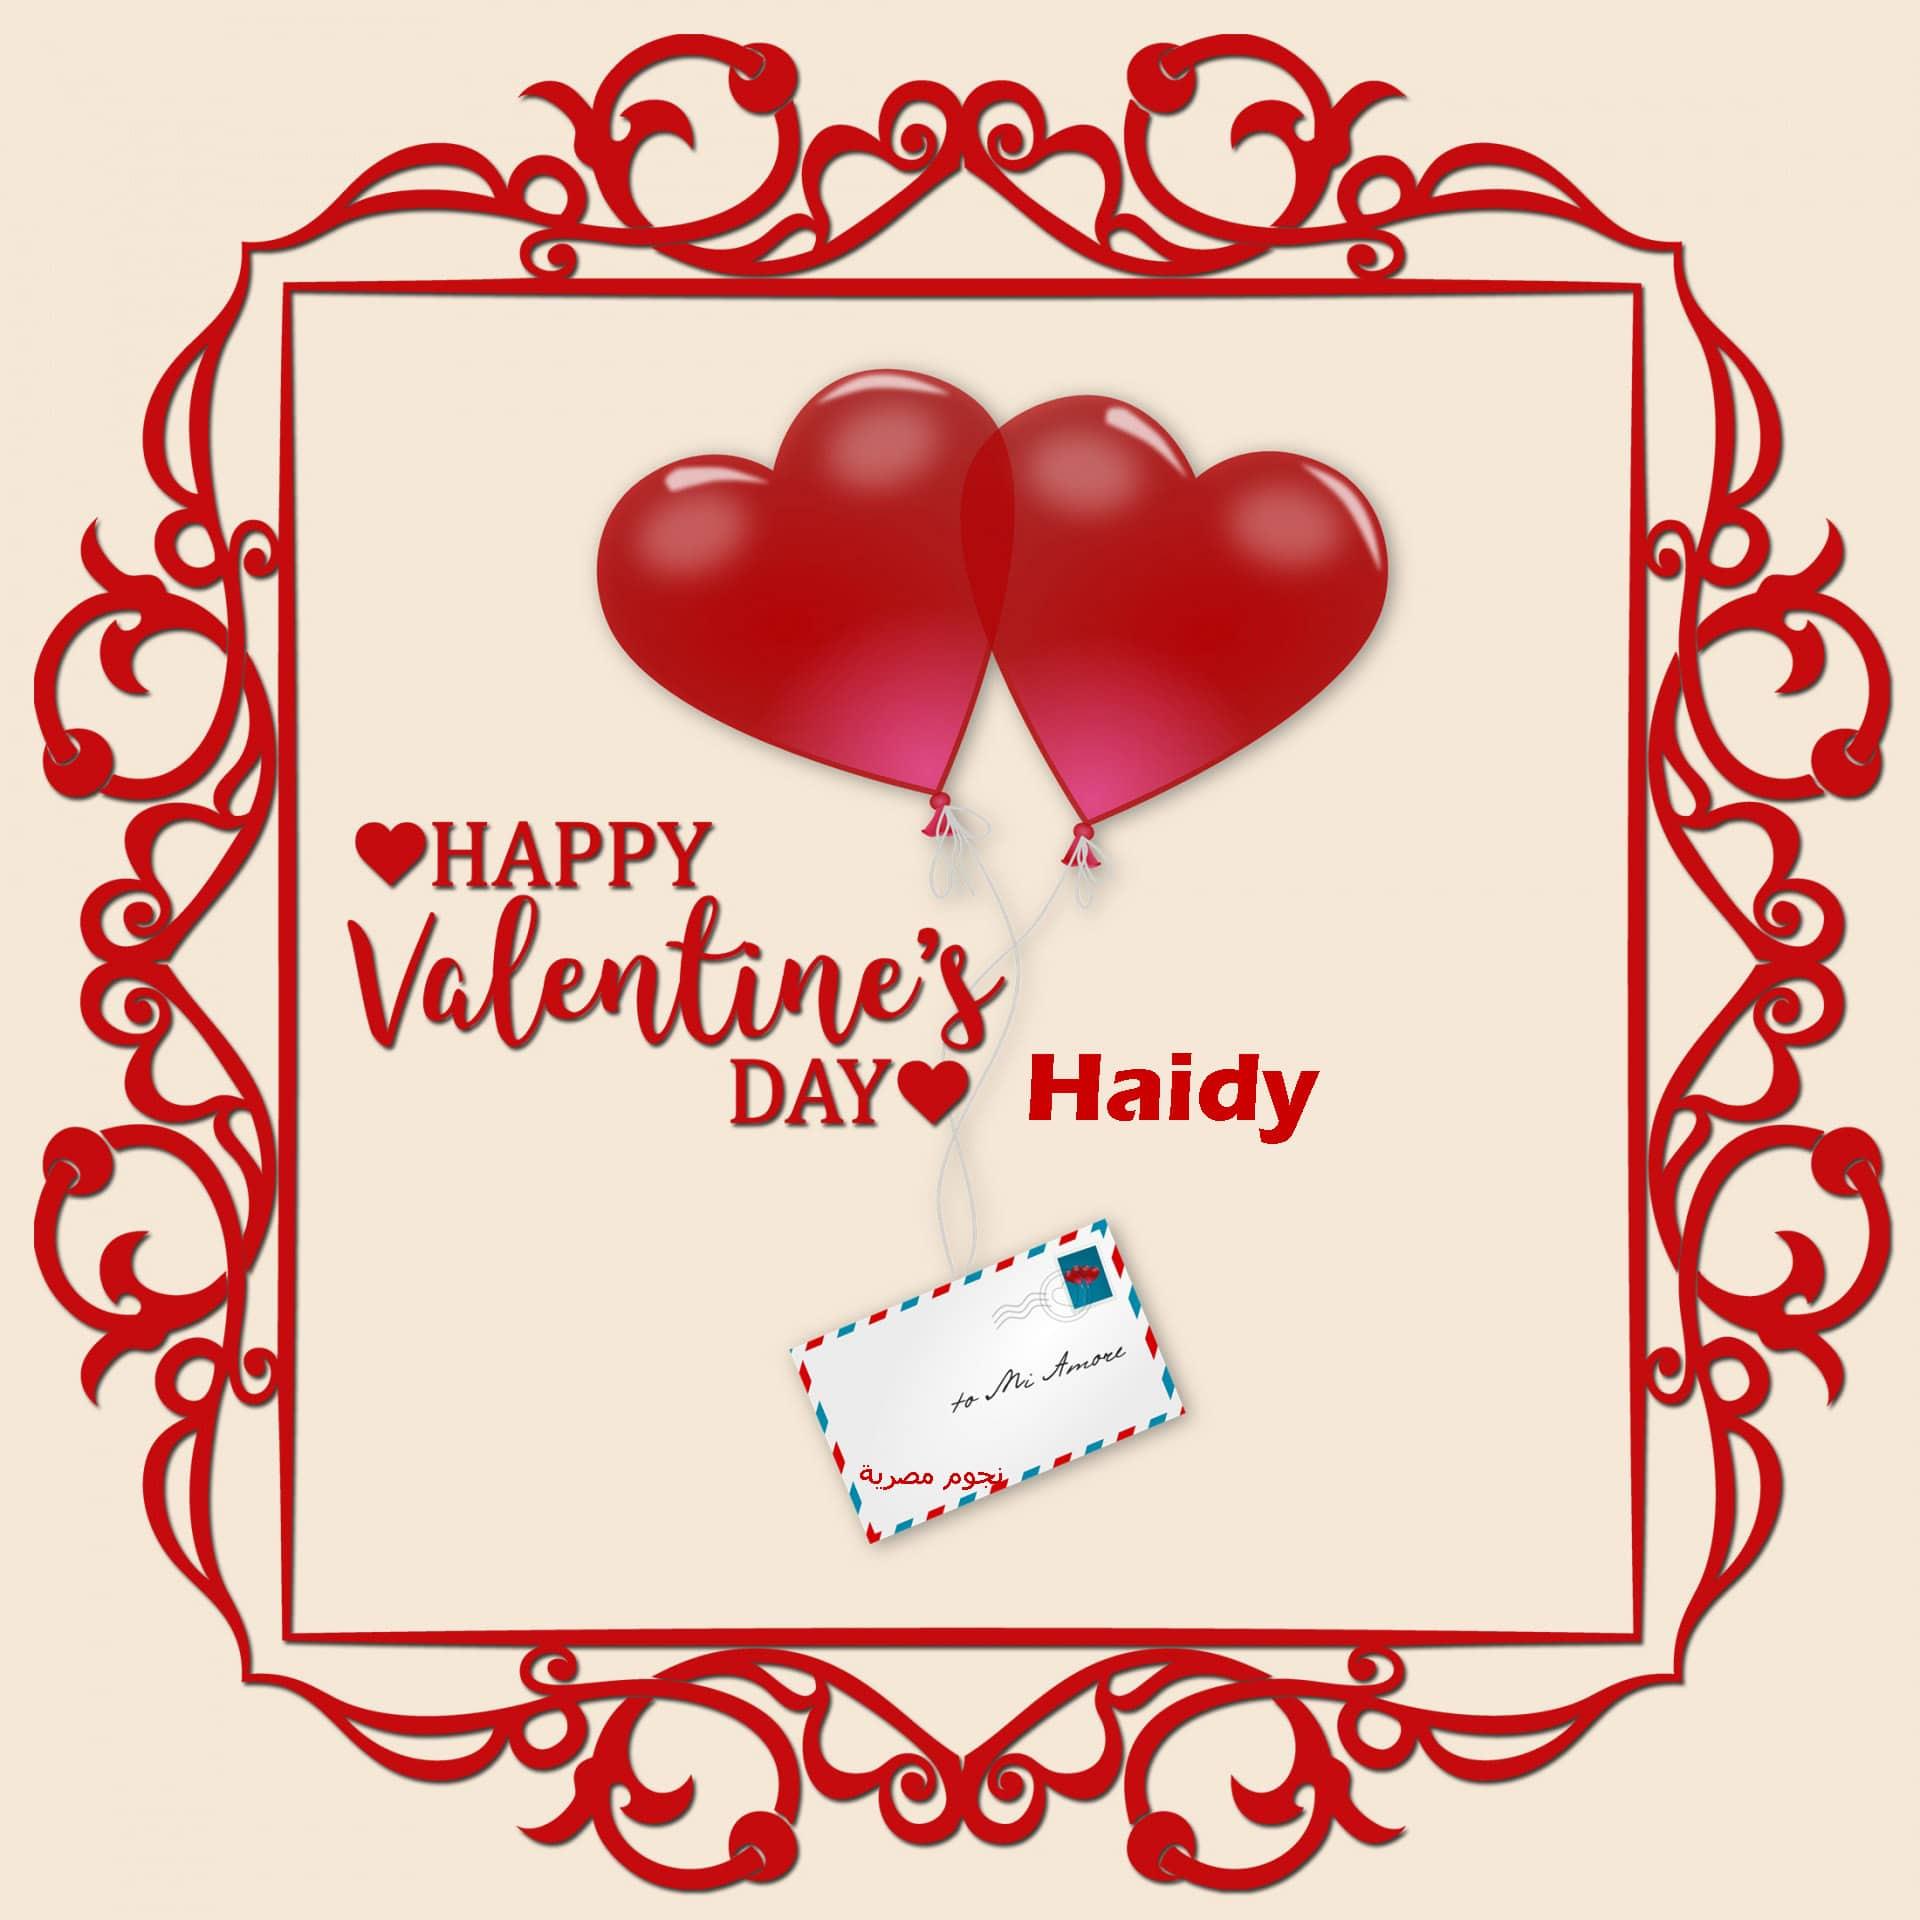 بالصور رسائل عن الحب , صور لعيد الحب 5203 16